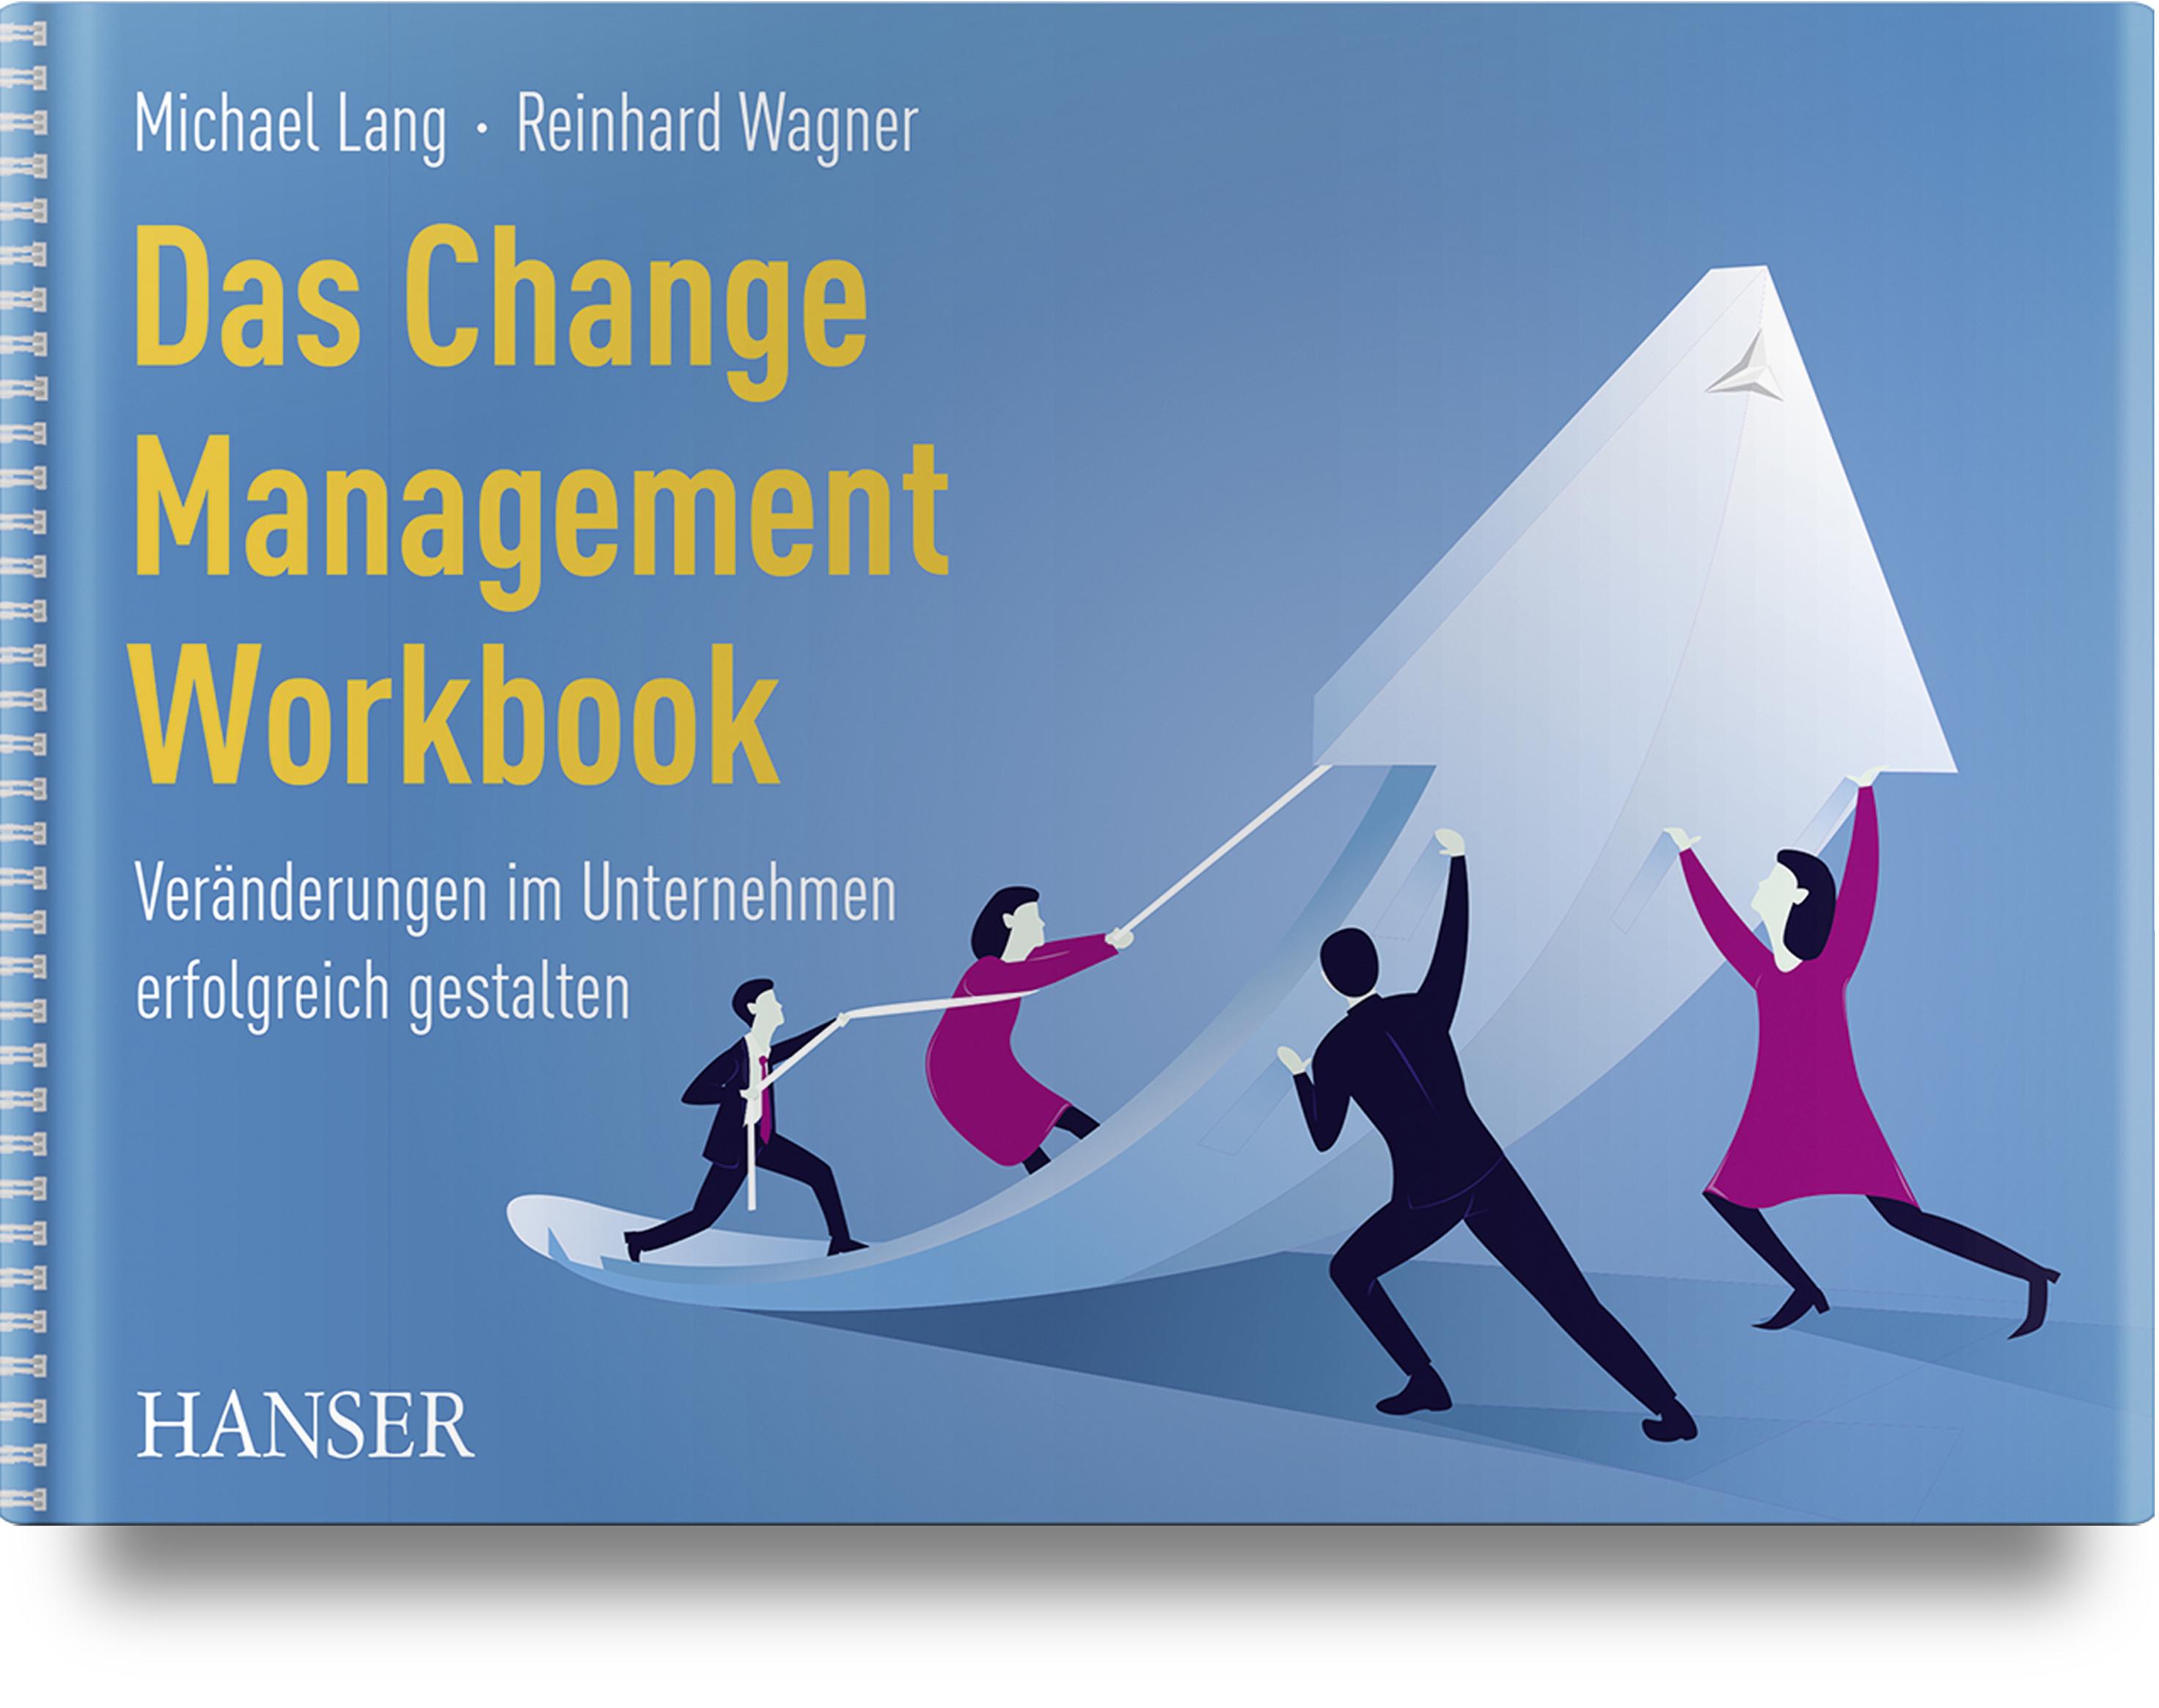 Das Change Management Workbook, 978-3-446-46284-7